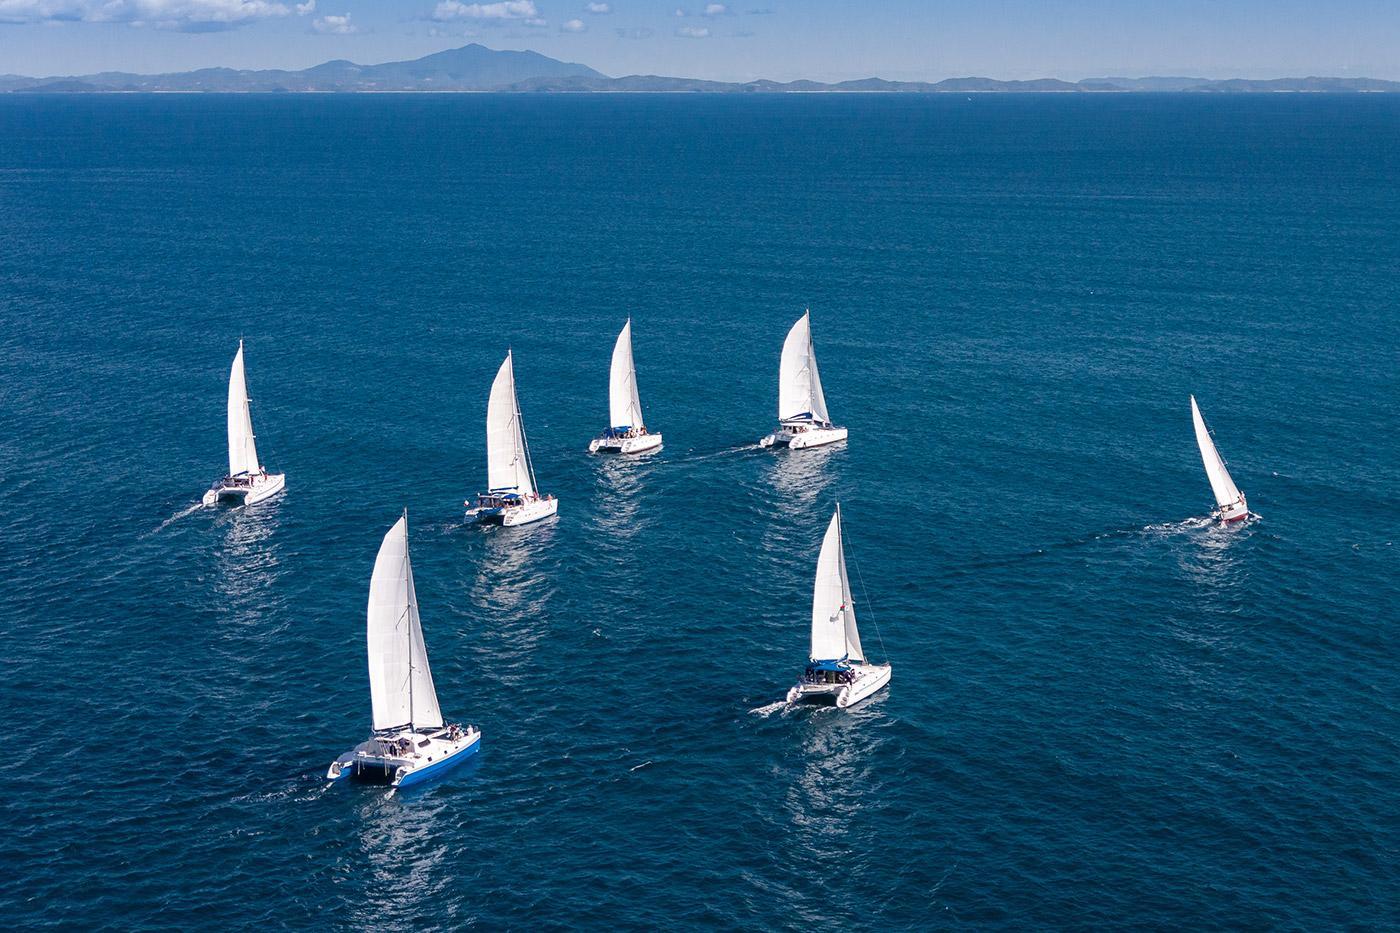 Sailing flotilla